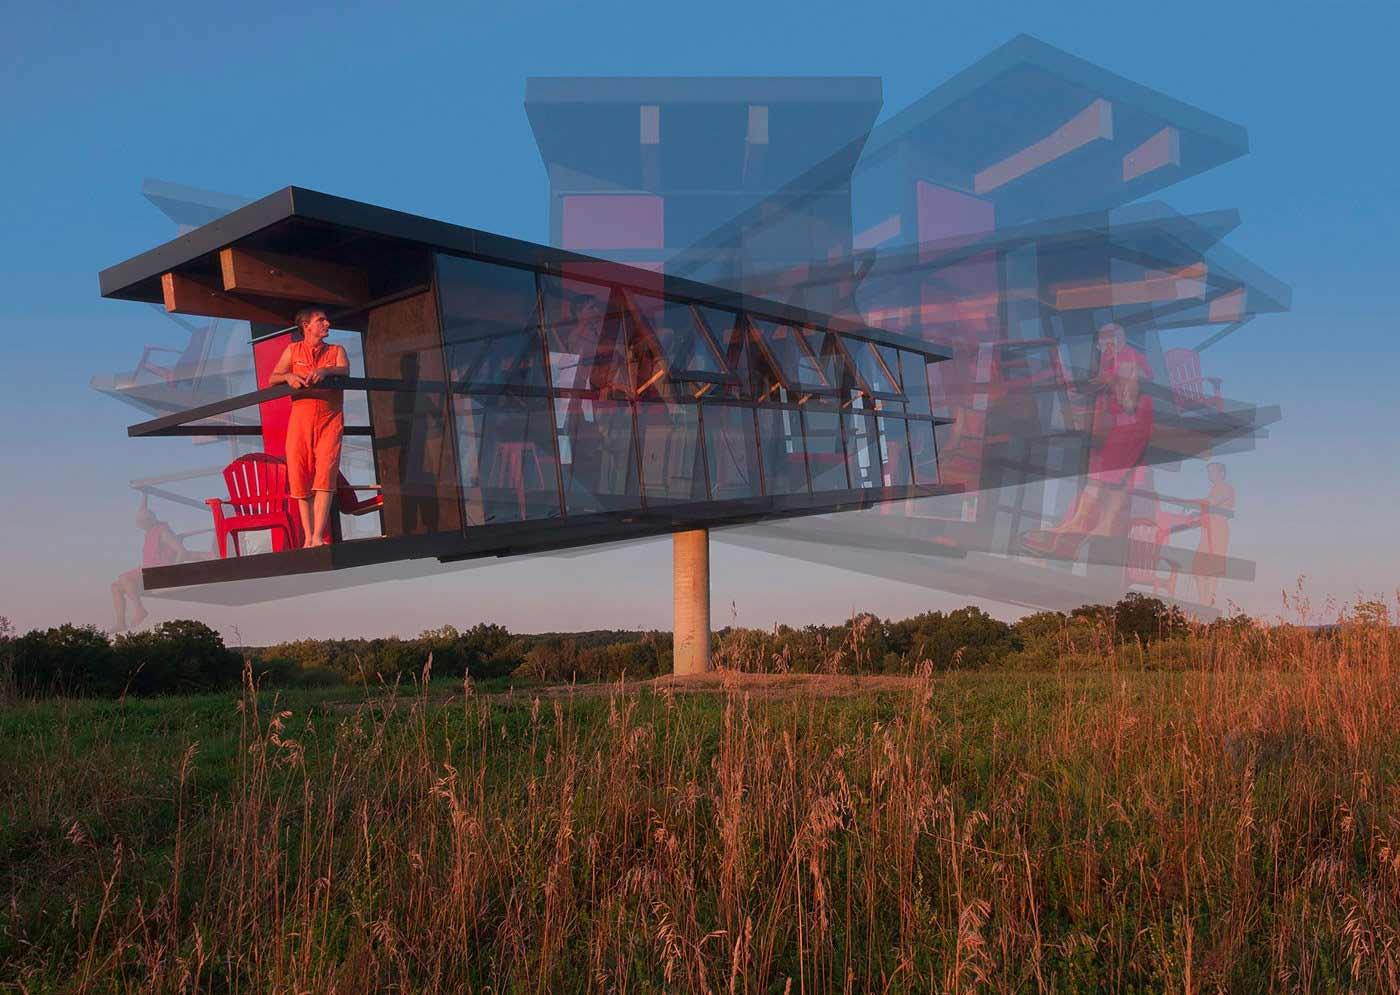 Architektur-Installationen von Alex Schweder & Ward Shelley Alex-Schweder-und-Ward-Shelley_02